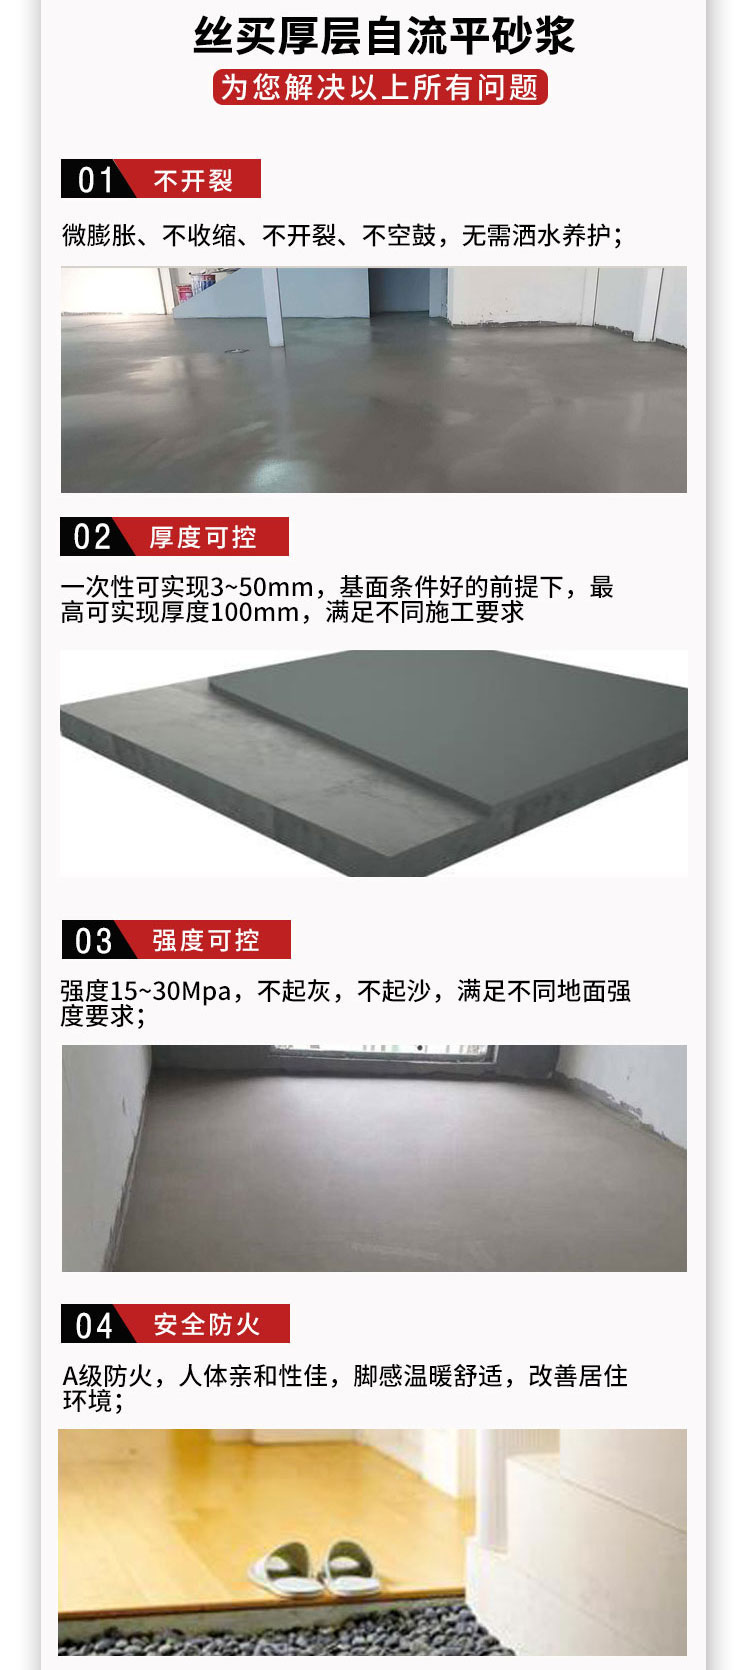 石膏基自流平砂浆 浙江石膏基自流平 石膏自流平生产厂家 强度可控 厚度可控 施工效率高